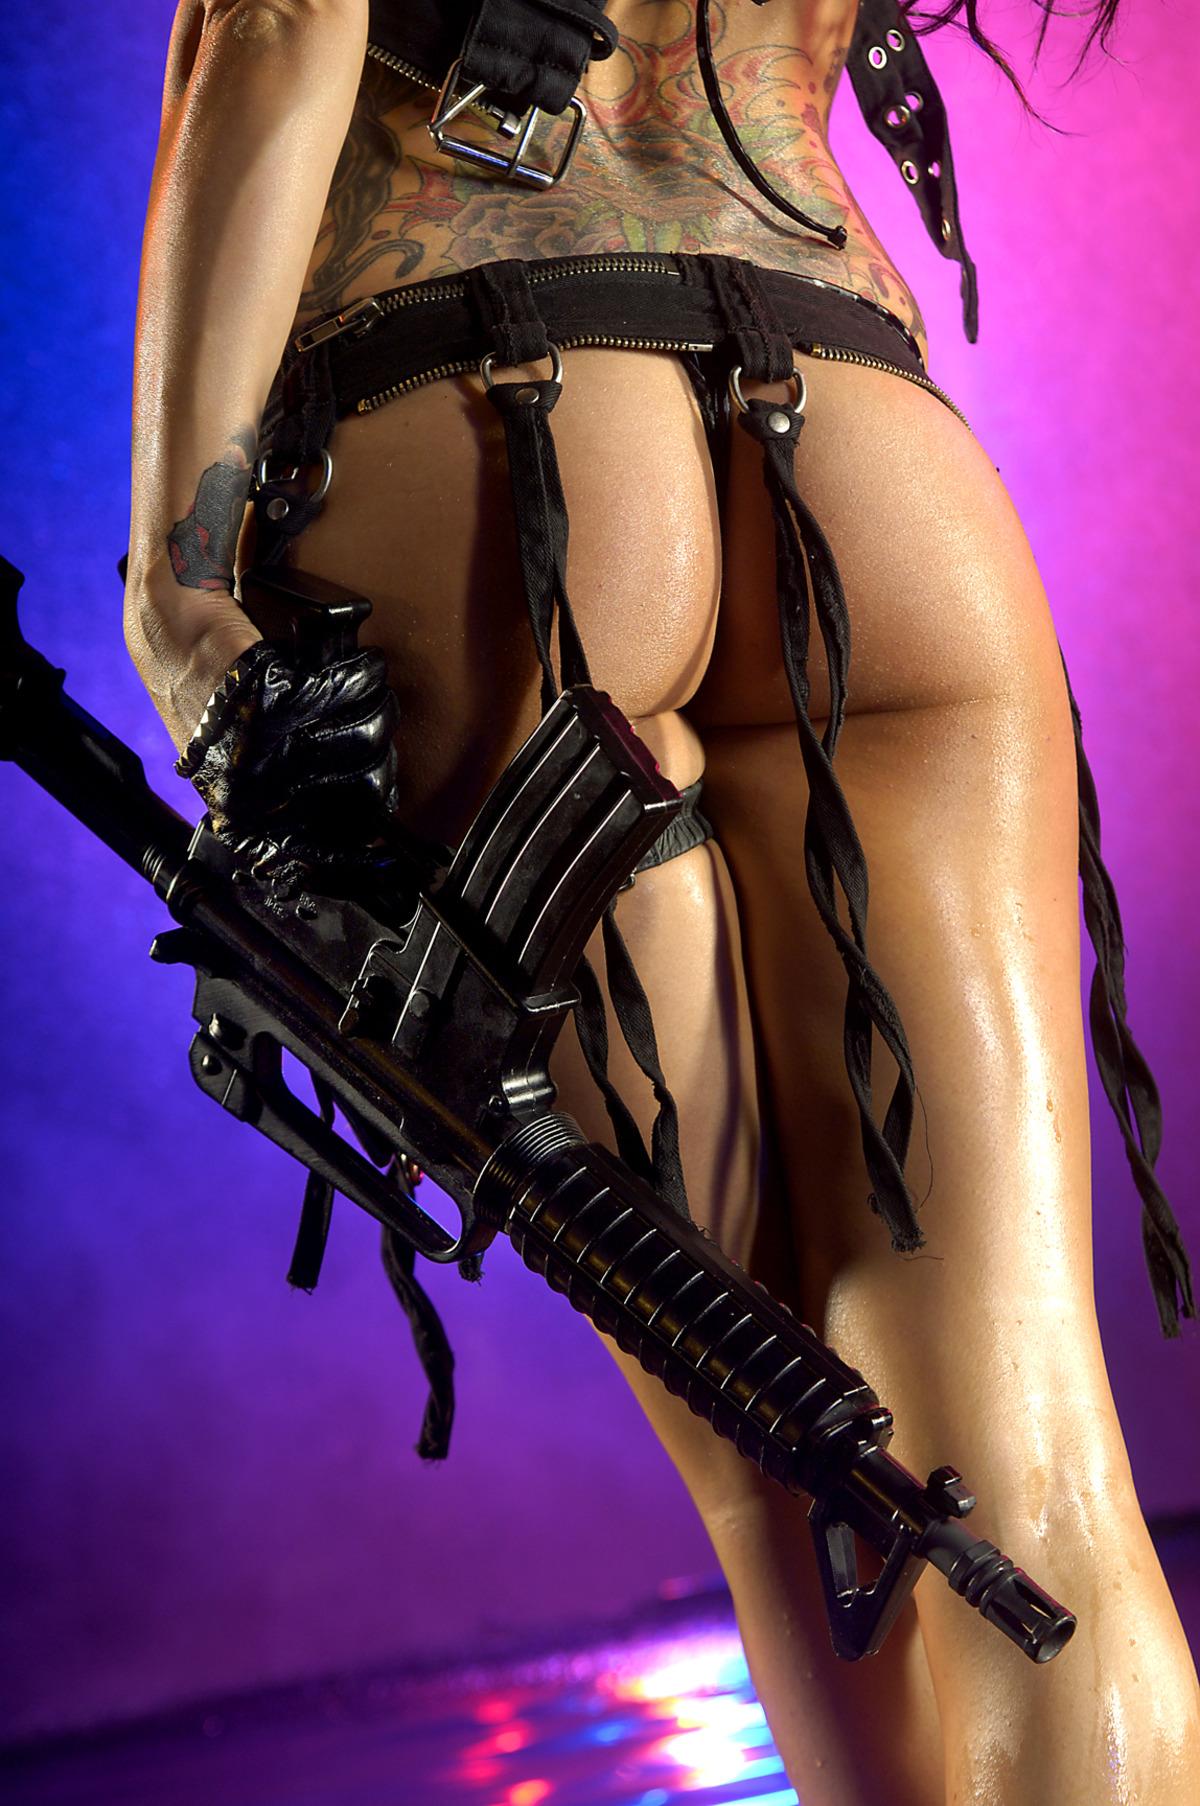 голые сексуальные девушки с оружием голая анна